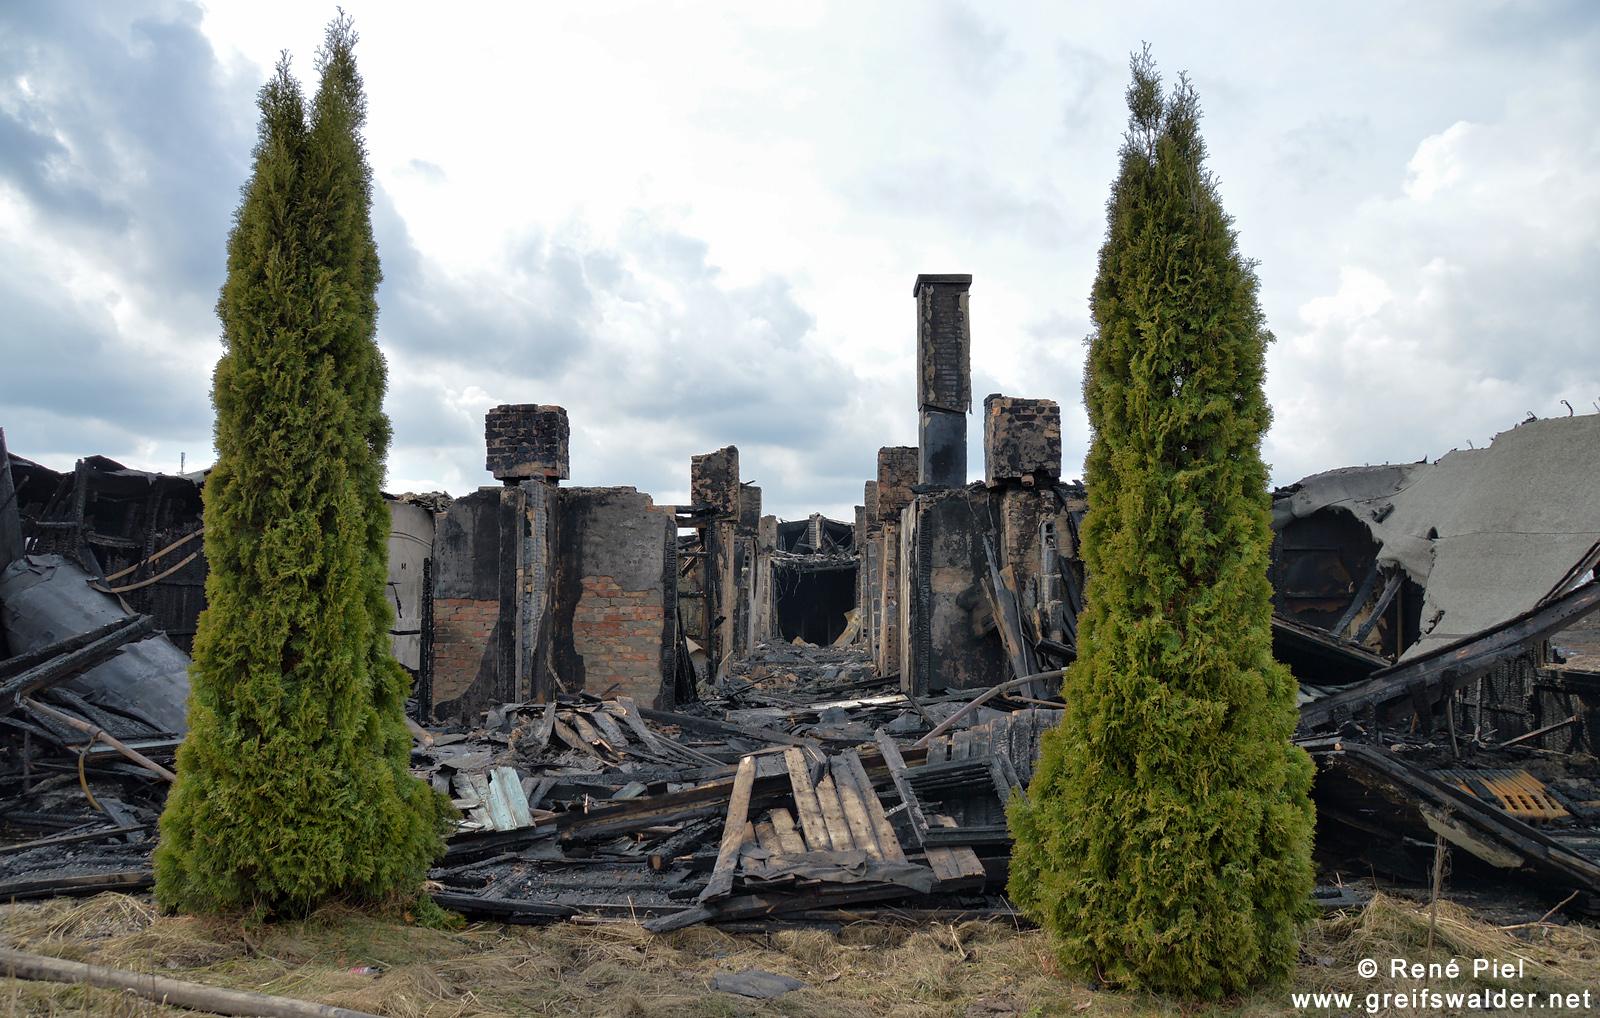 Nach dem Brand einer Baracke der ehemaligen Textilfabrik in Greifswald